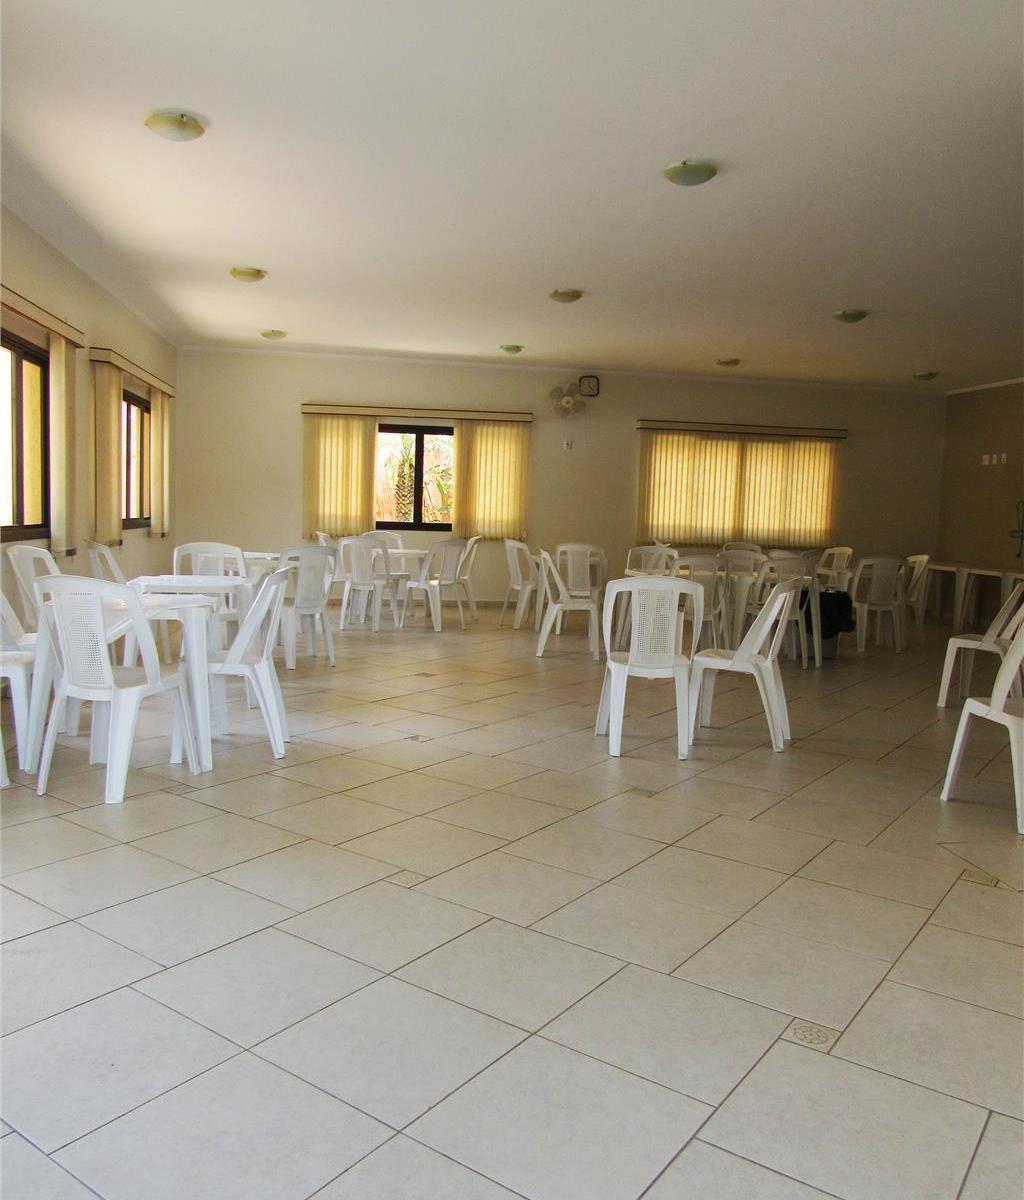 Apartamento para aluguel com 3 Quartos Mansões Santo Antônio  #957836 1024 1200